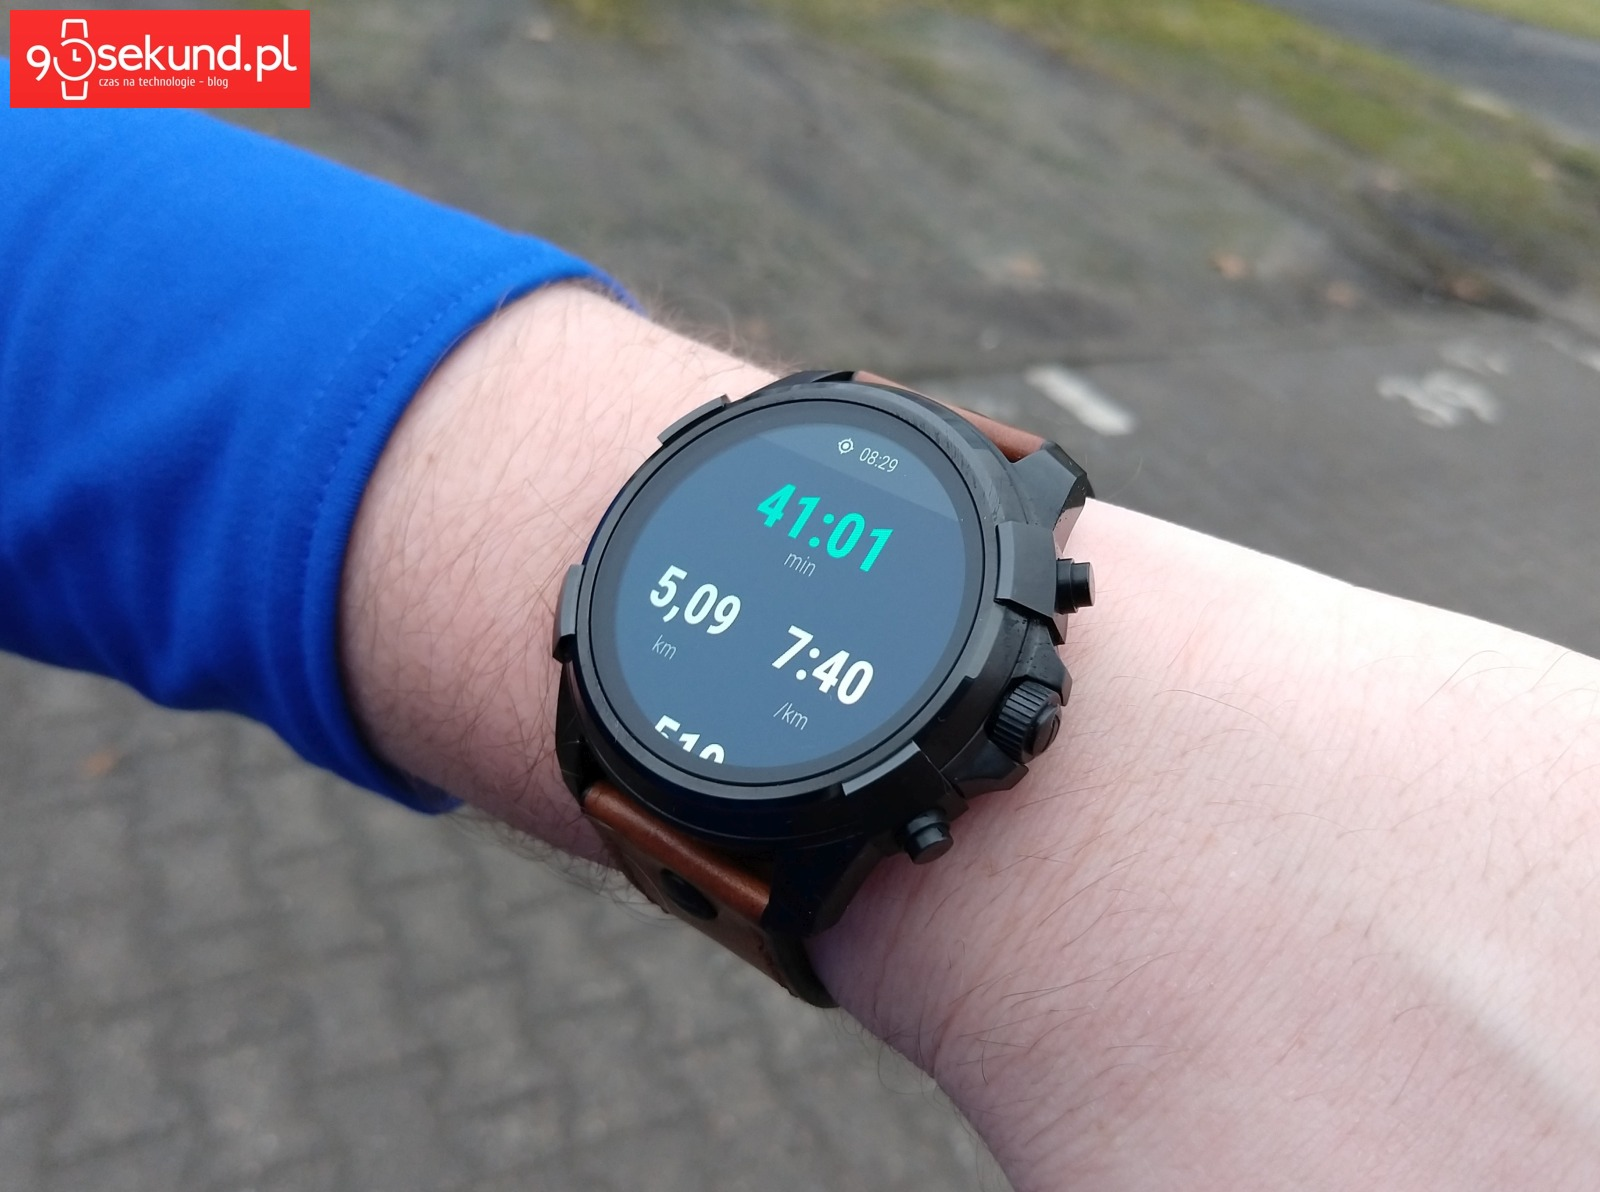 Trening biegowy z Diesel On Full Guard 2.0 w Google Fit - Michał Brożyński 90sekund.pl